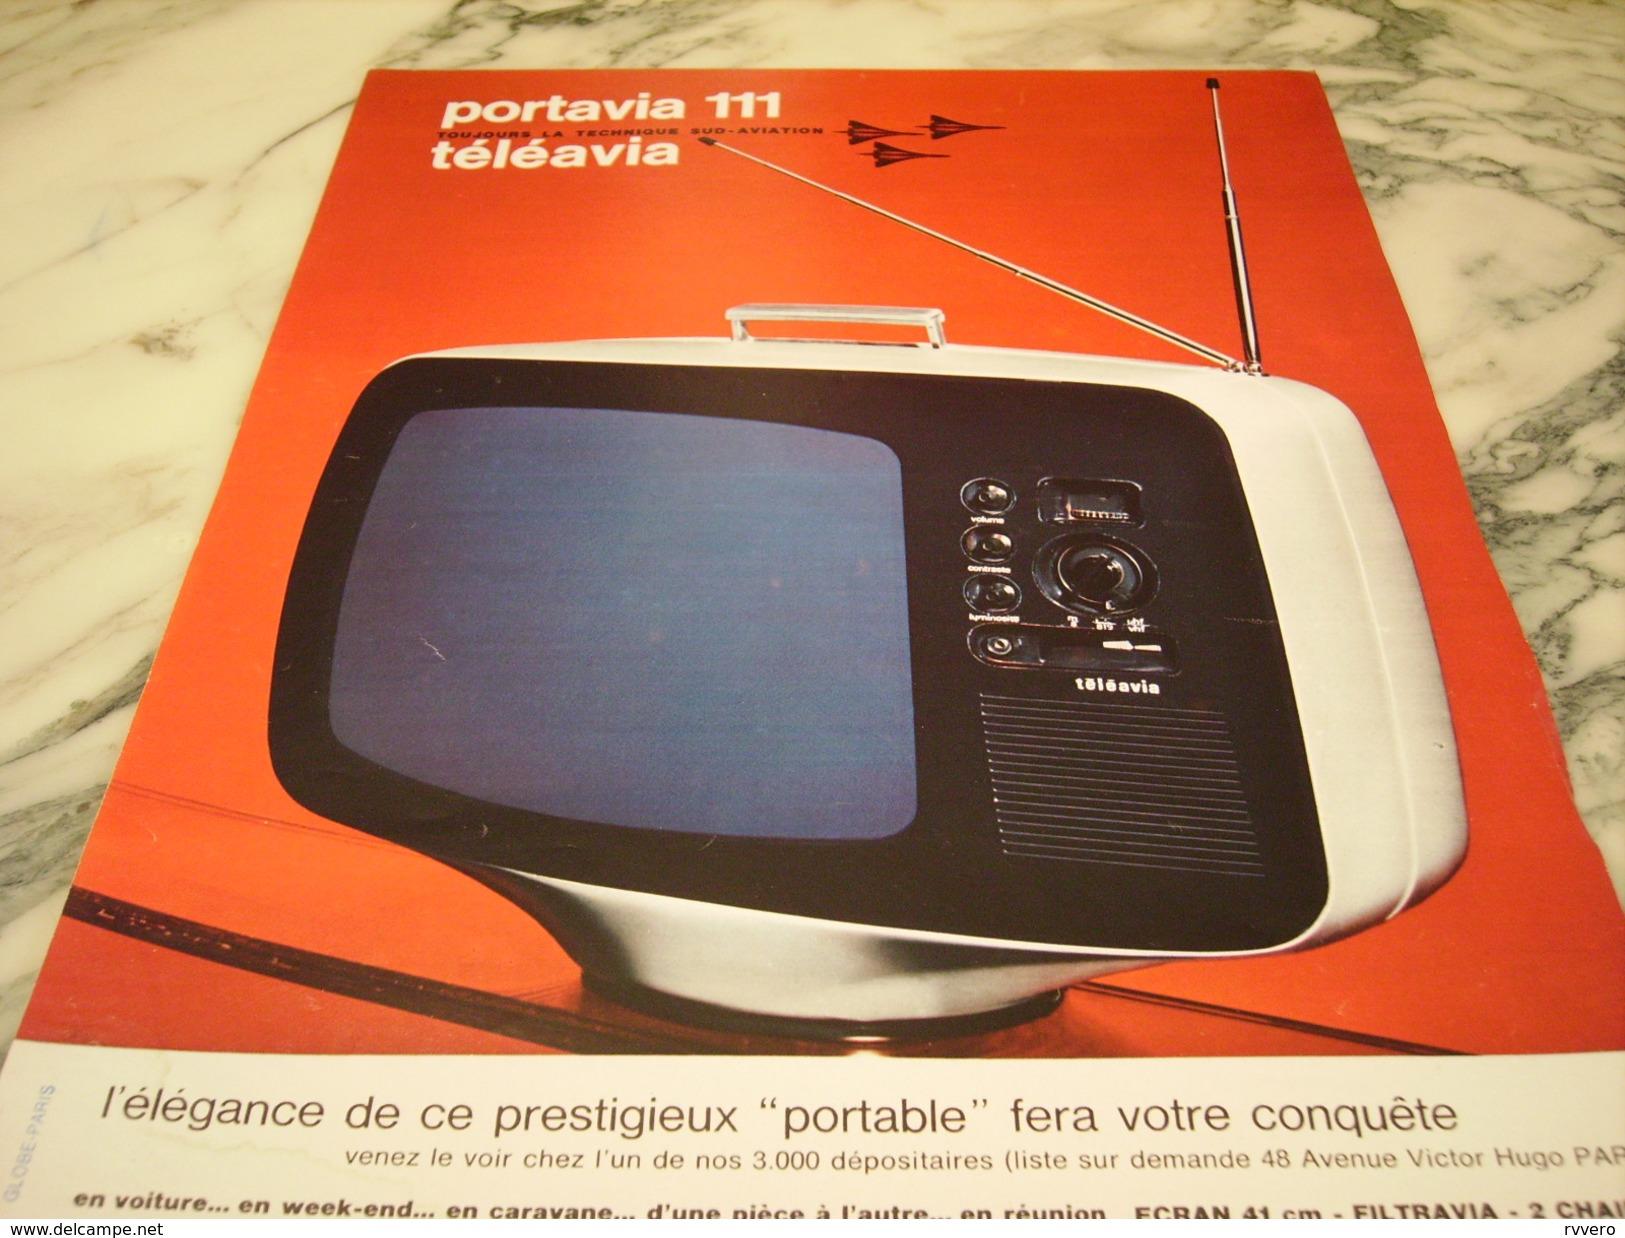 ANCIENNE PUBLICITE PORTAVIA 111 TELEVISION TELEAVIA 1966 - Pubblicitari